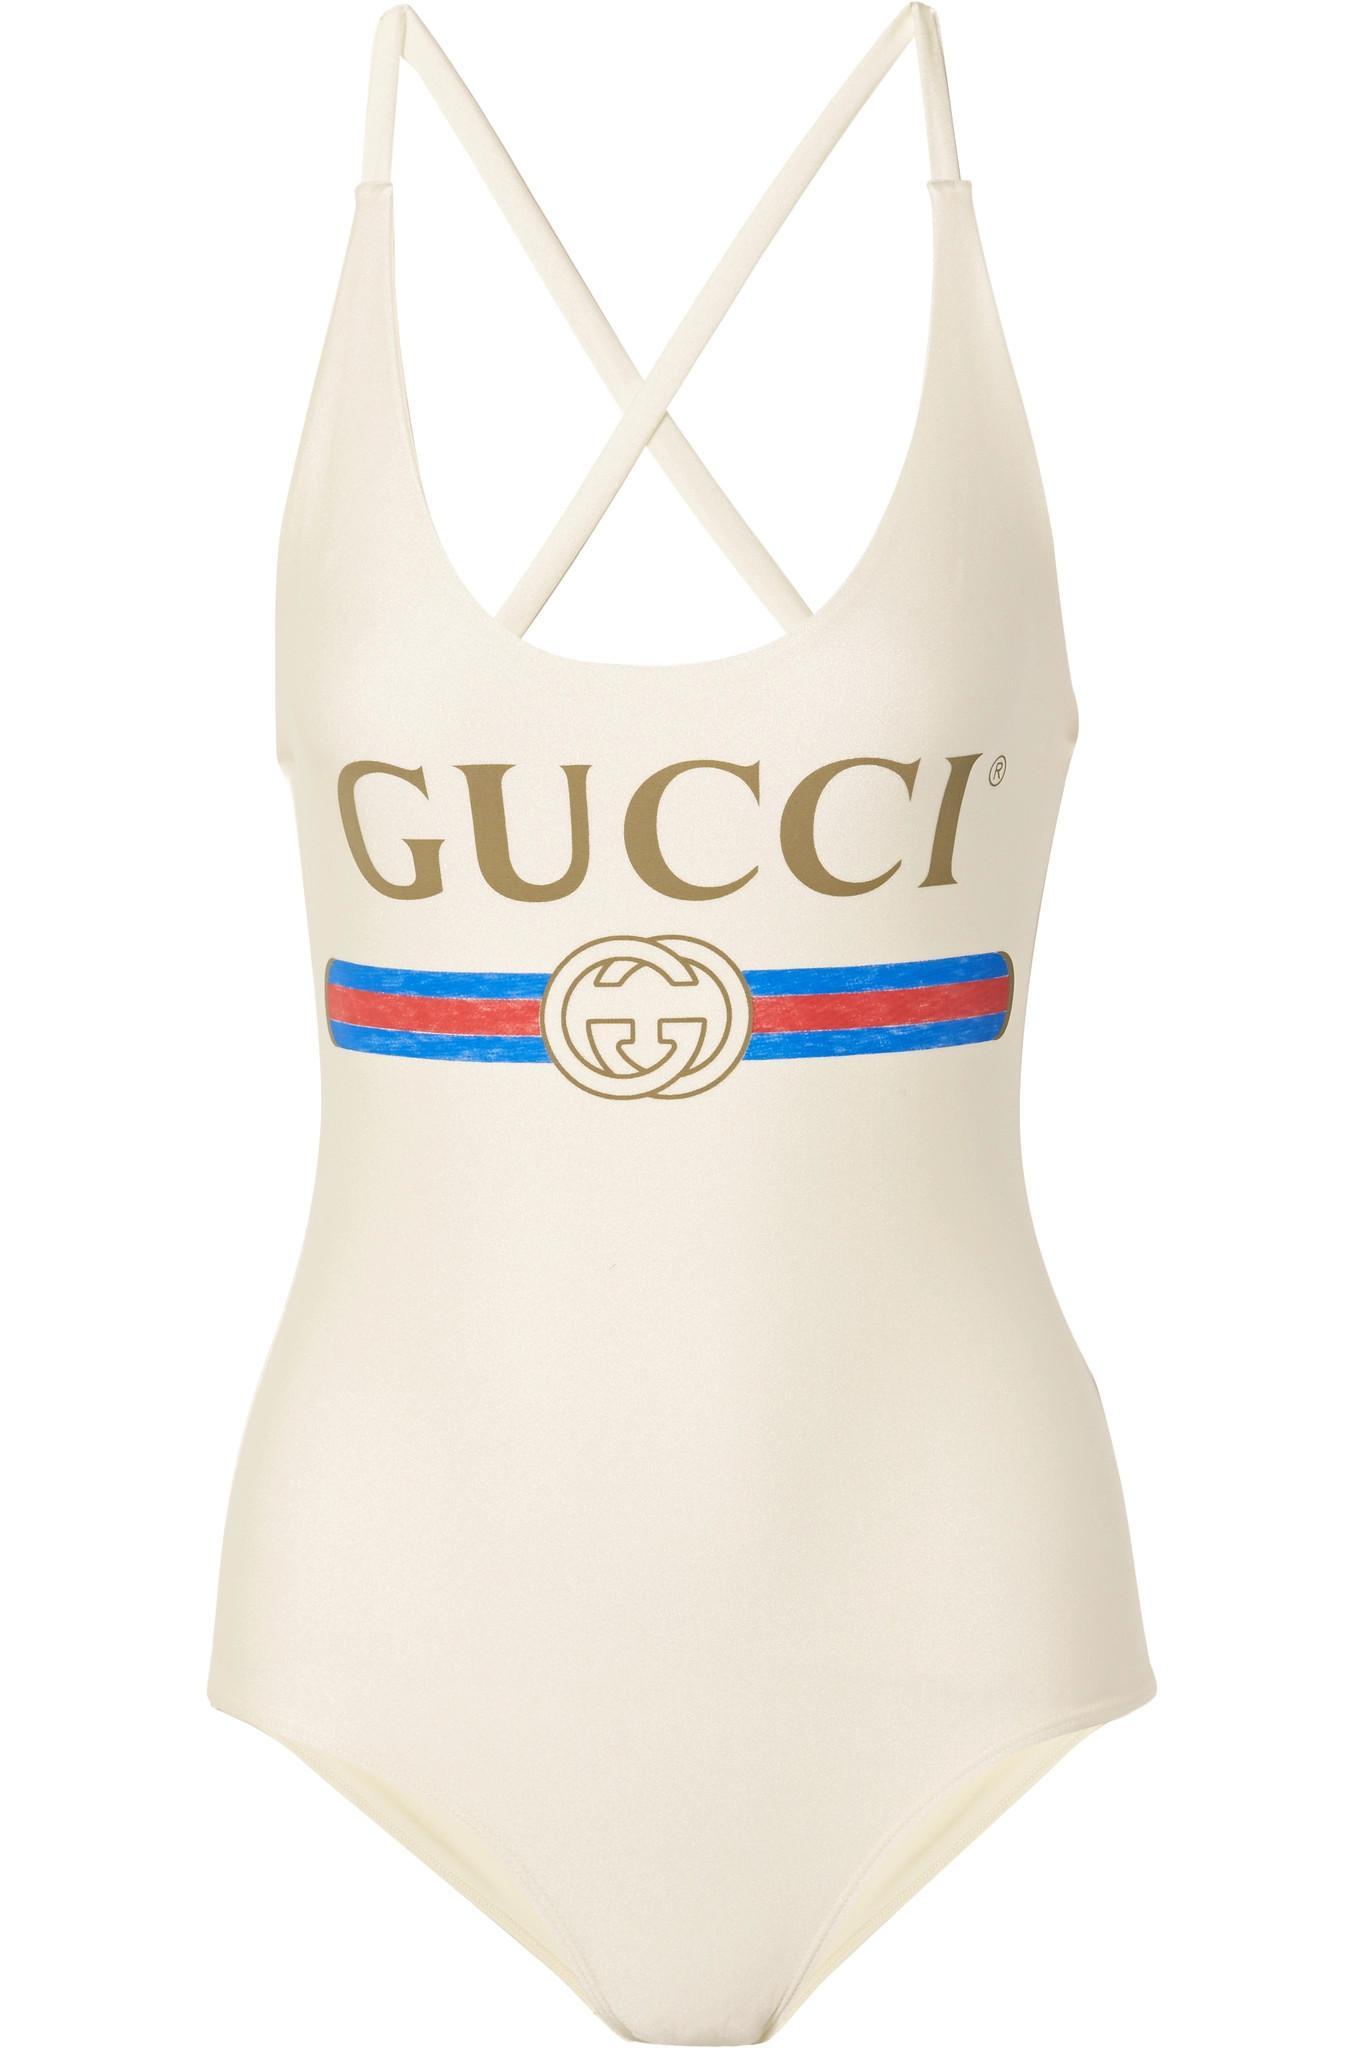 9dd3e99032a3 Lyst - Body à imprimé logo Gucci en coloris Blanc